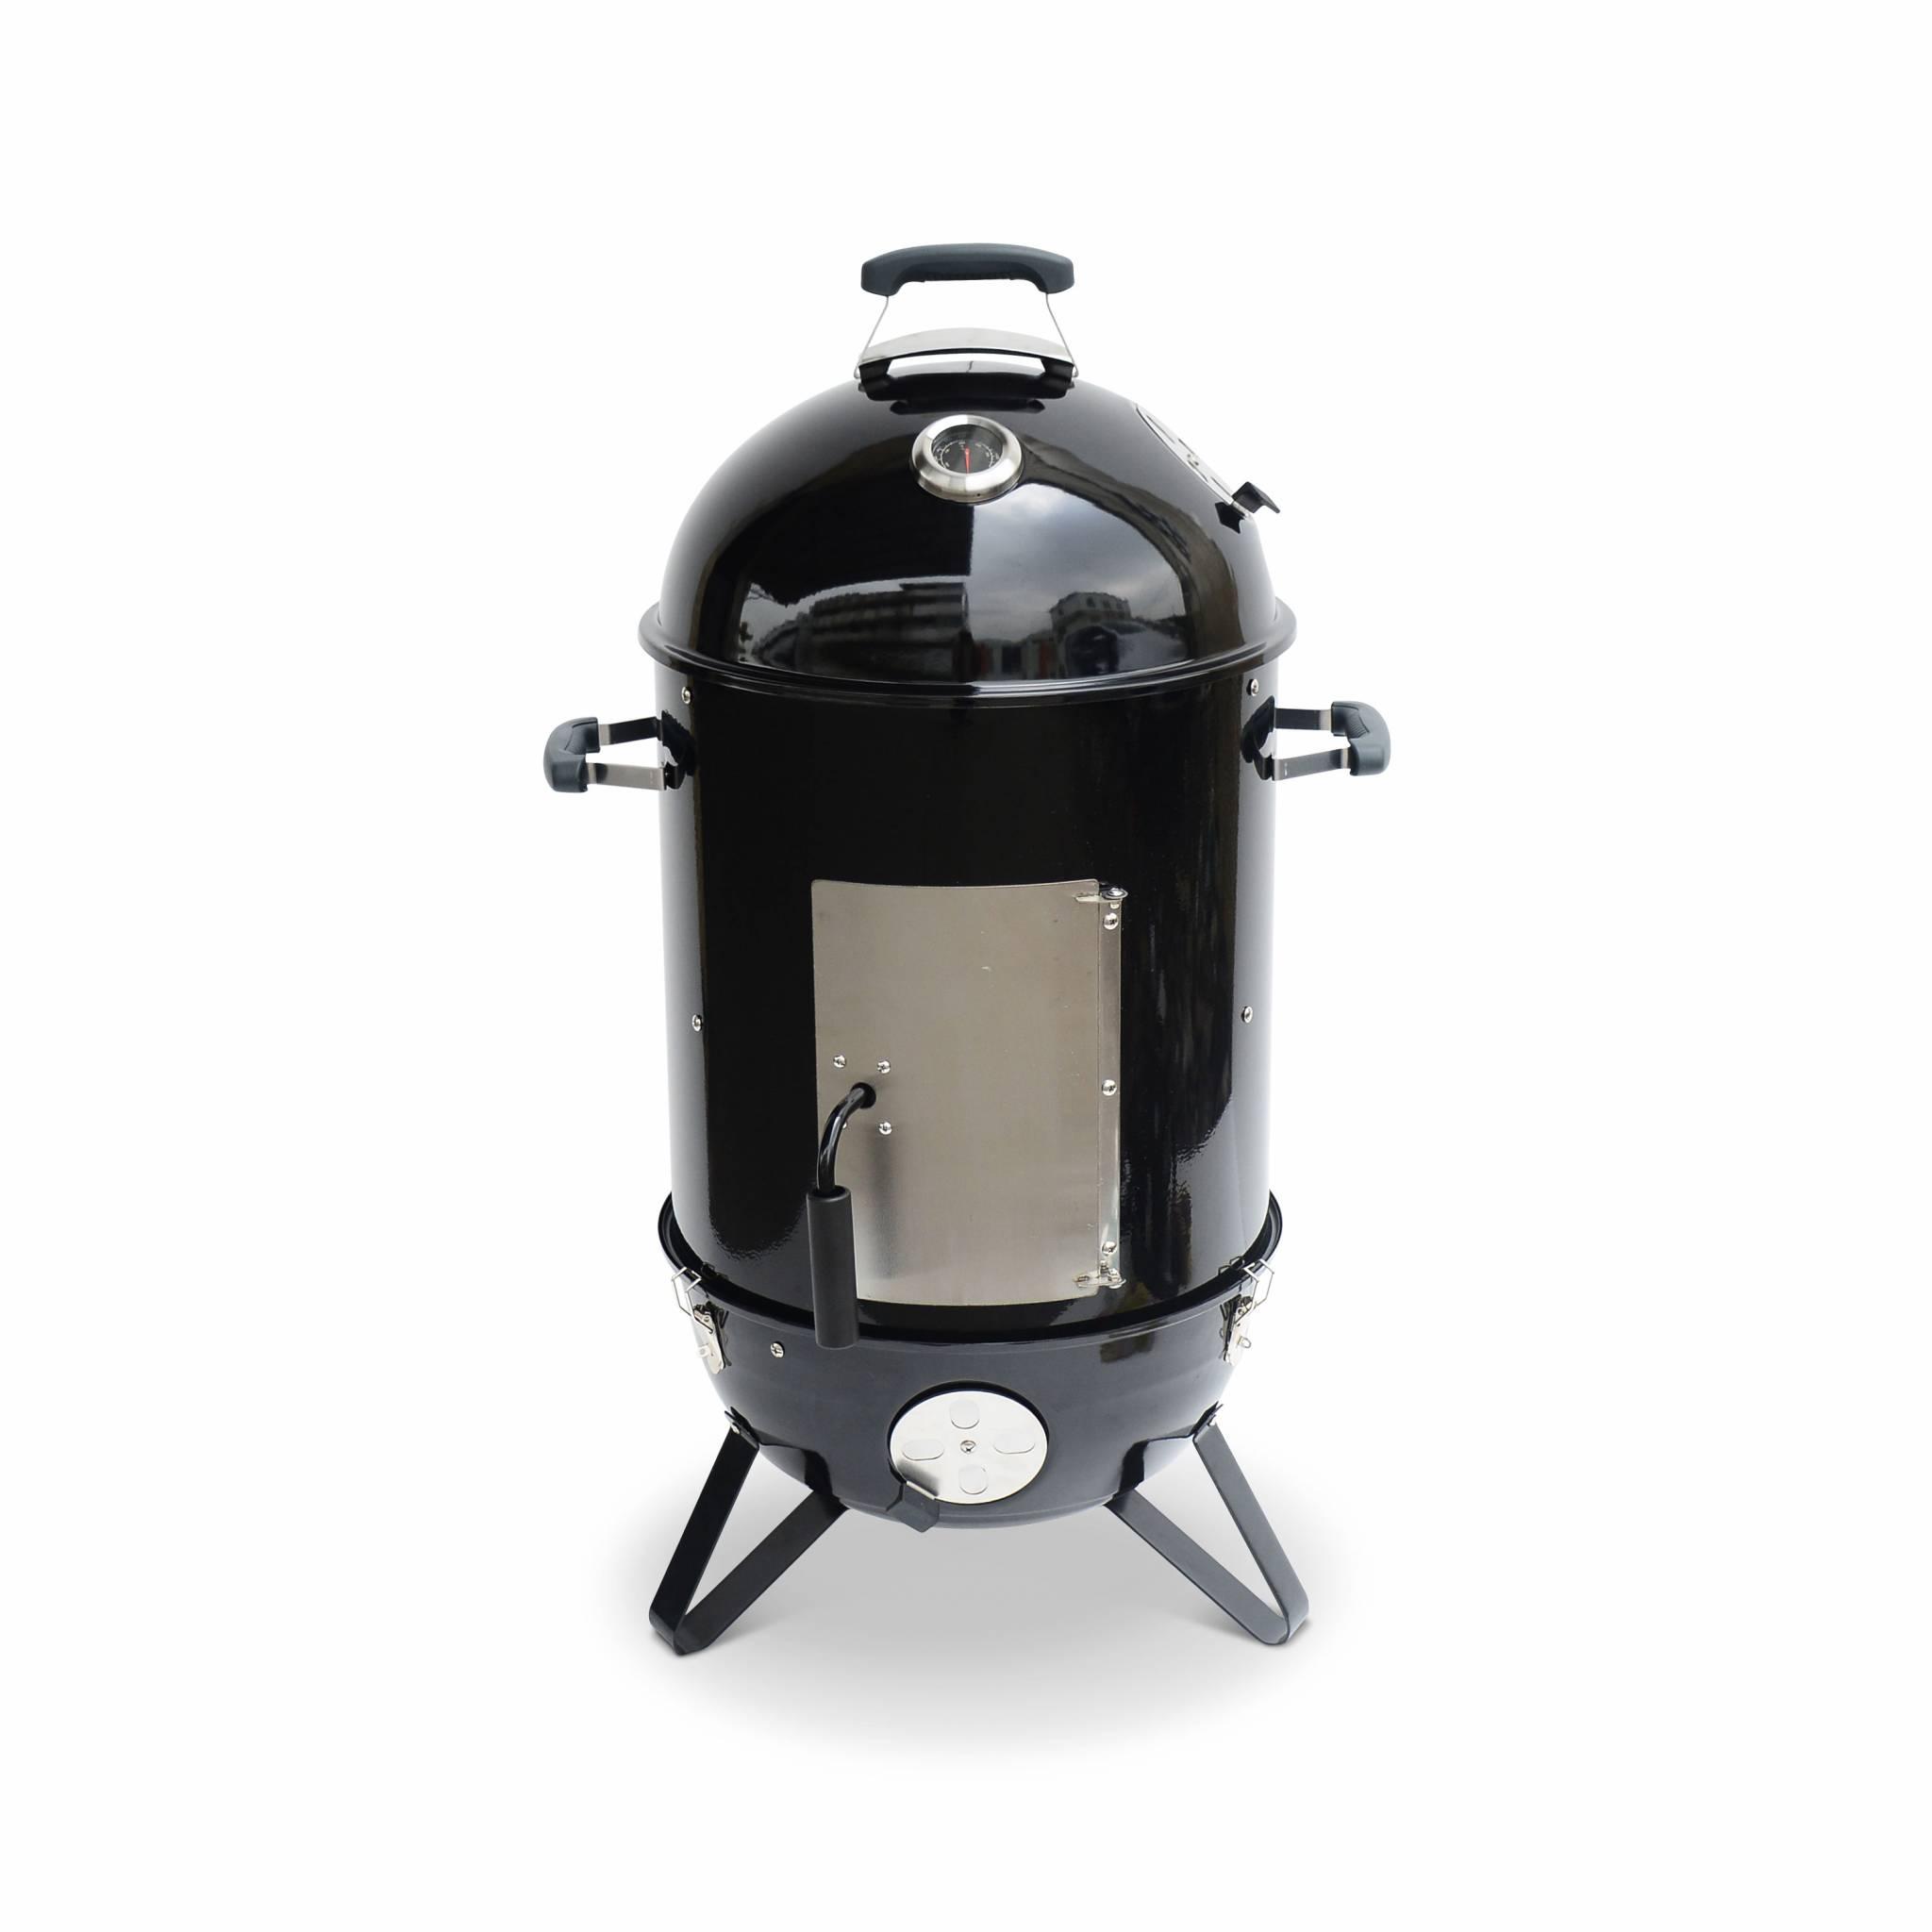 Barbecue fumoir au charbon – smoker premium avec aérateurs